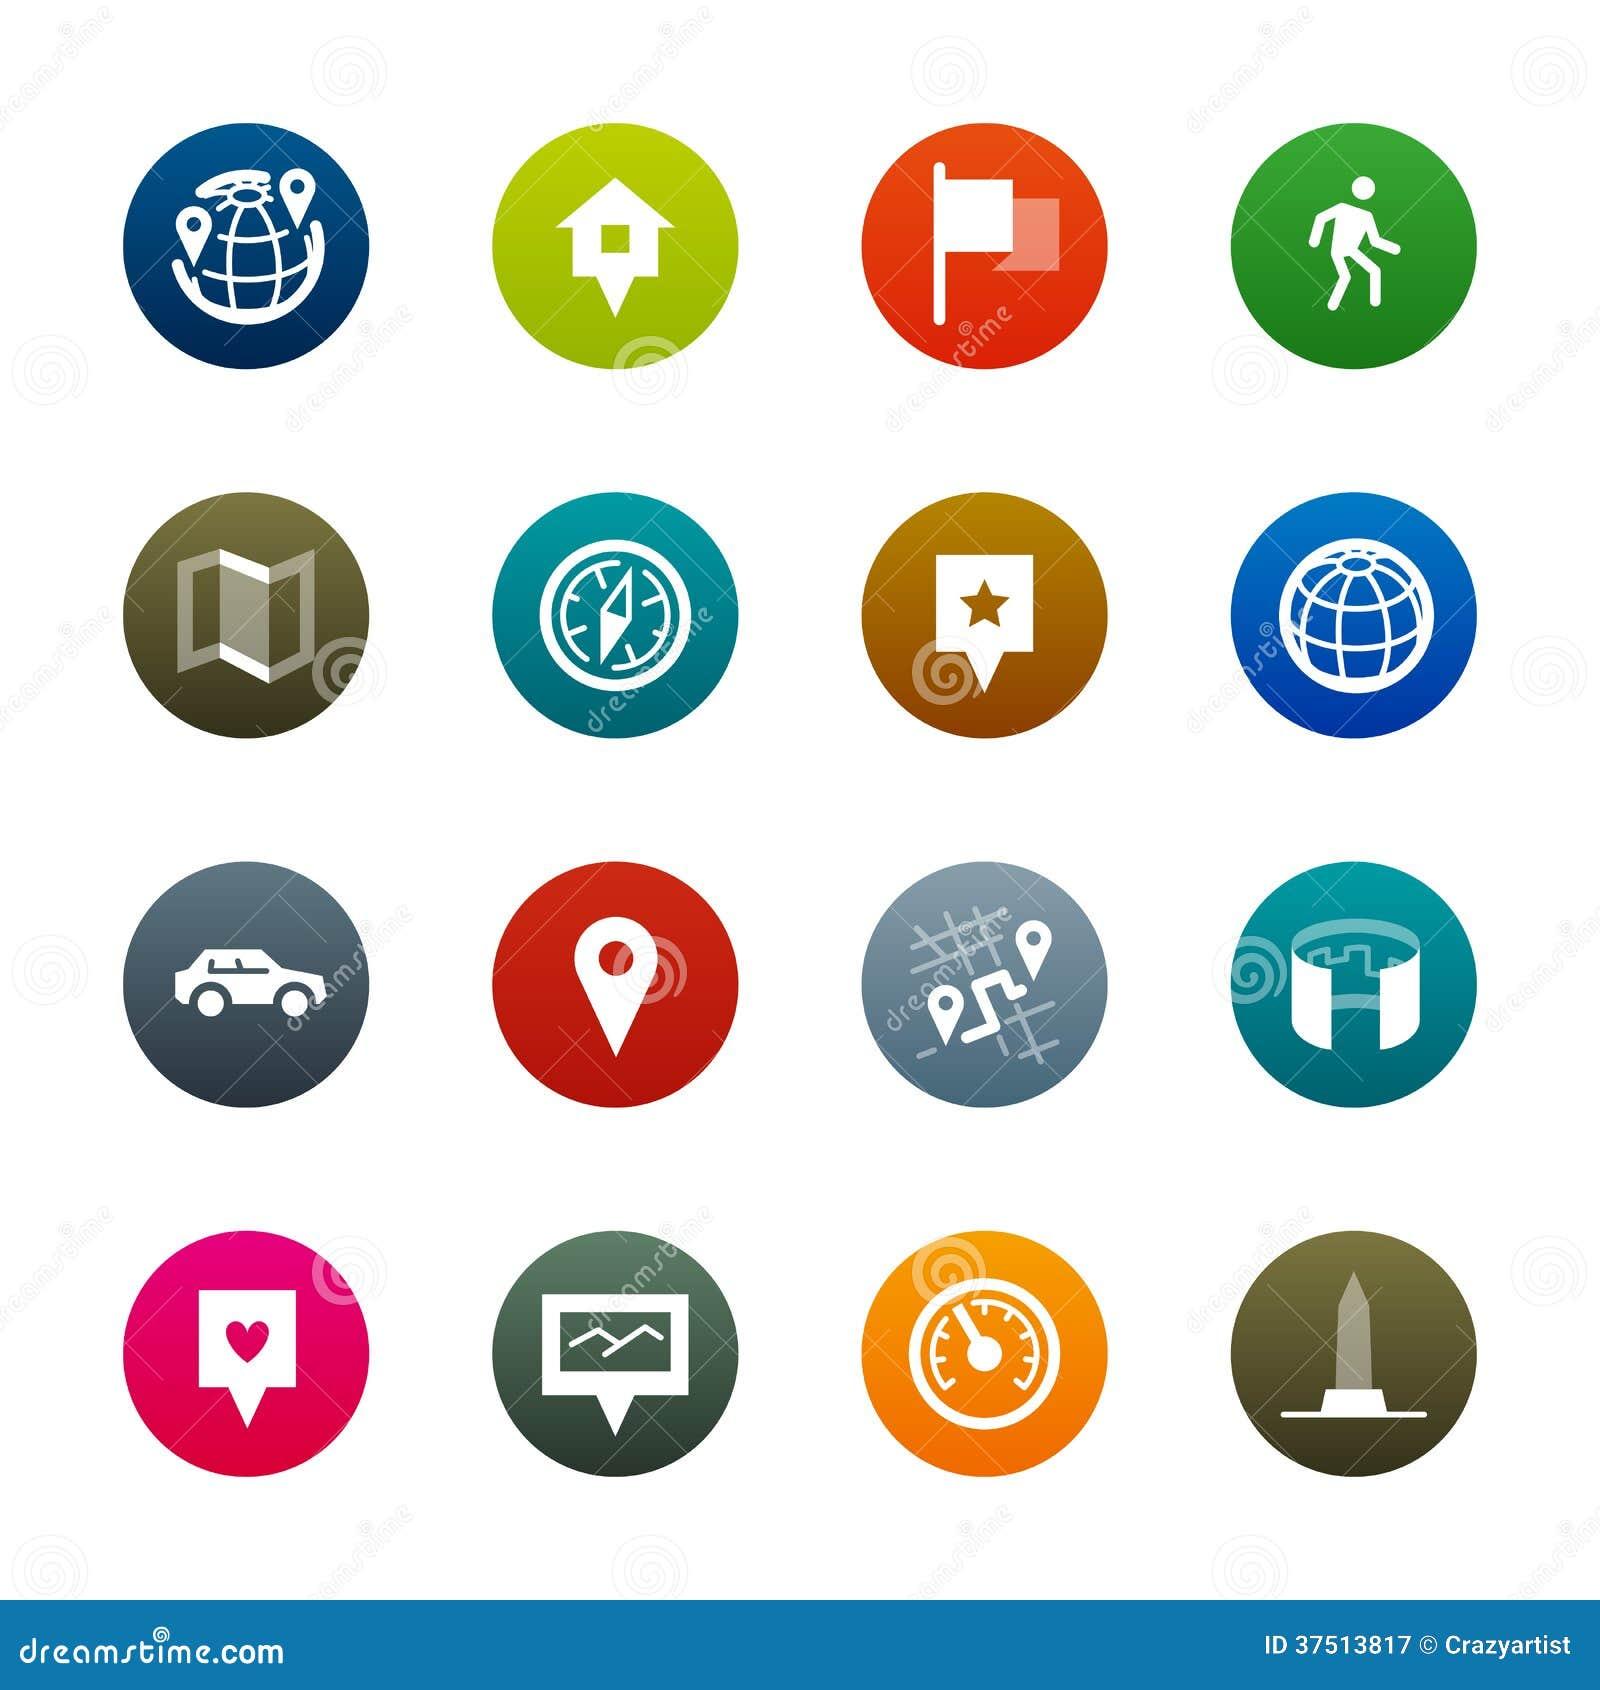 Maps and navigation icons – Kirrkle series